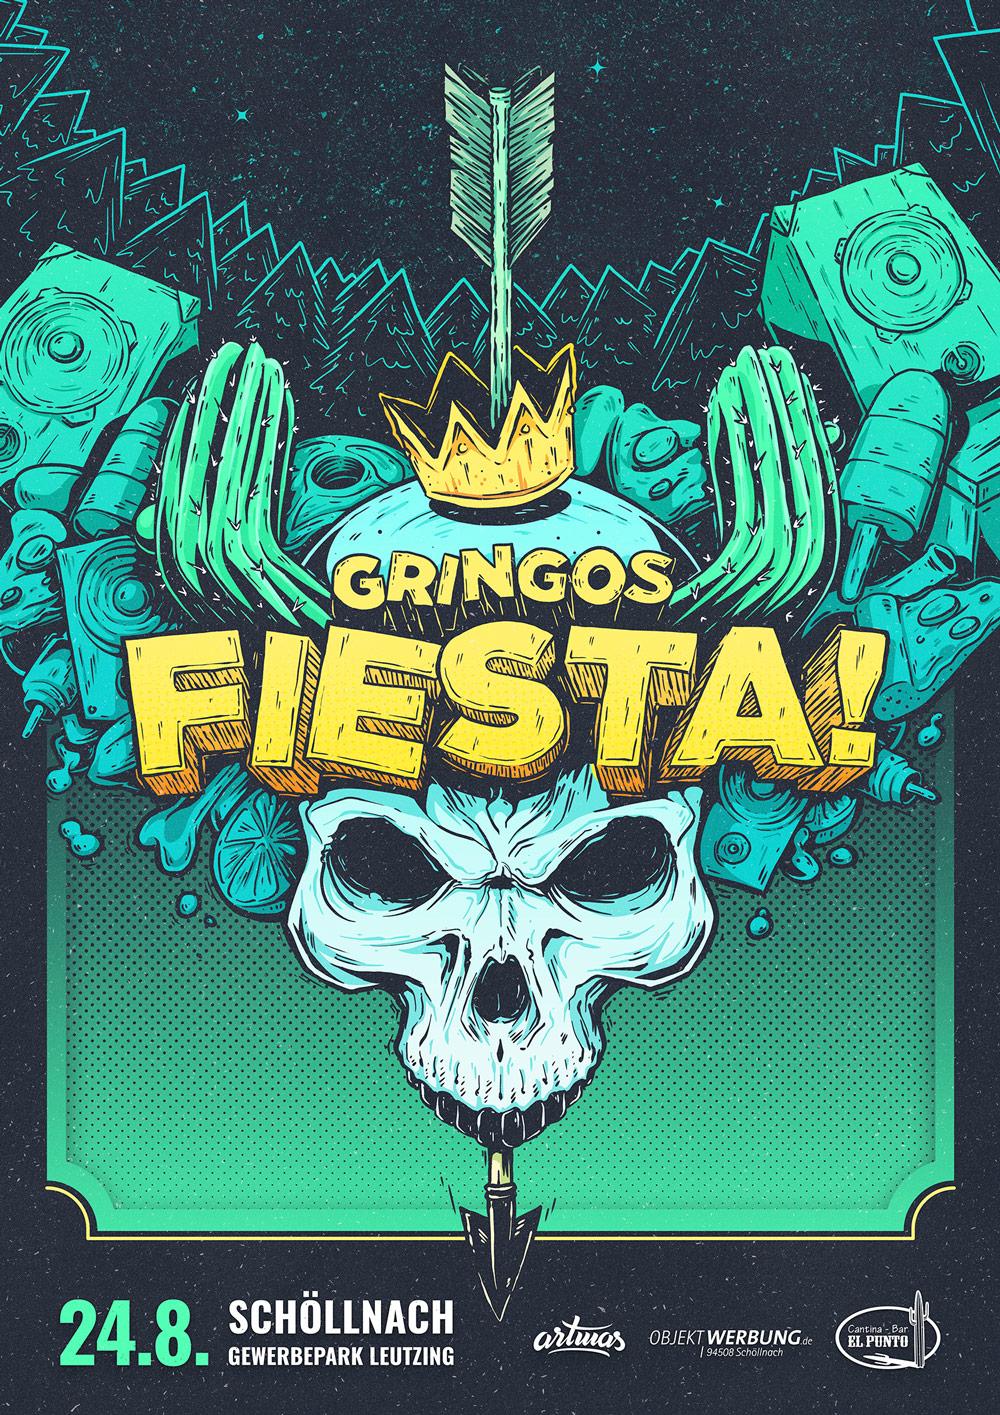 Gringos Fiesta 2019 | Poster | Illustration By Artjom Meister | Art-mas.com